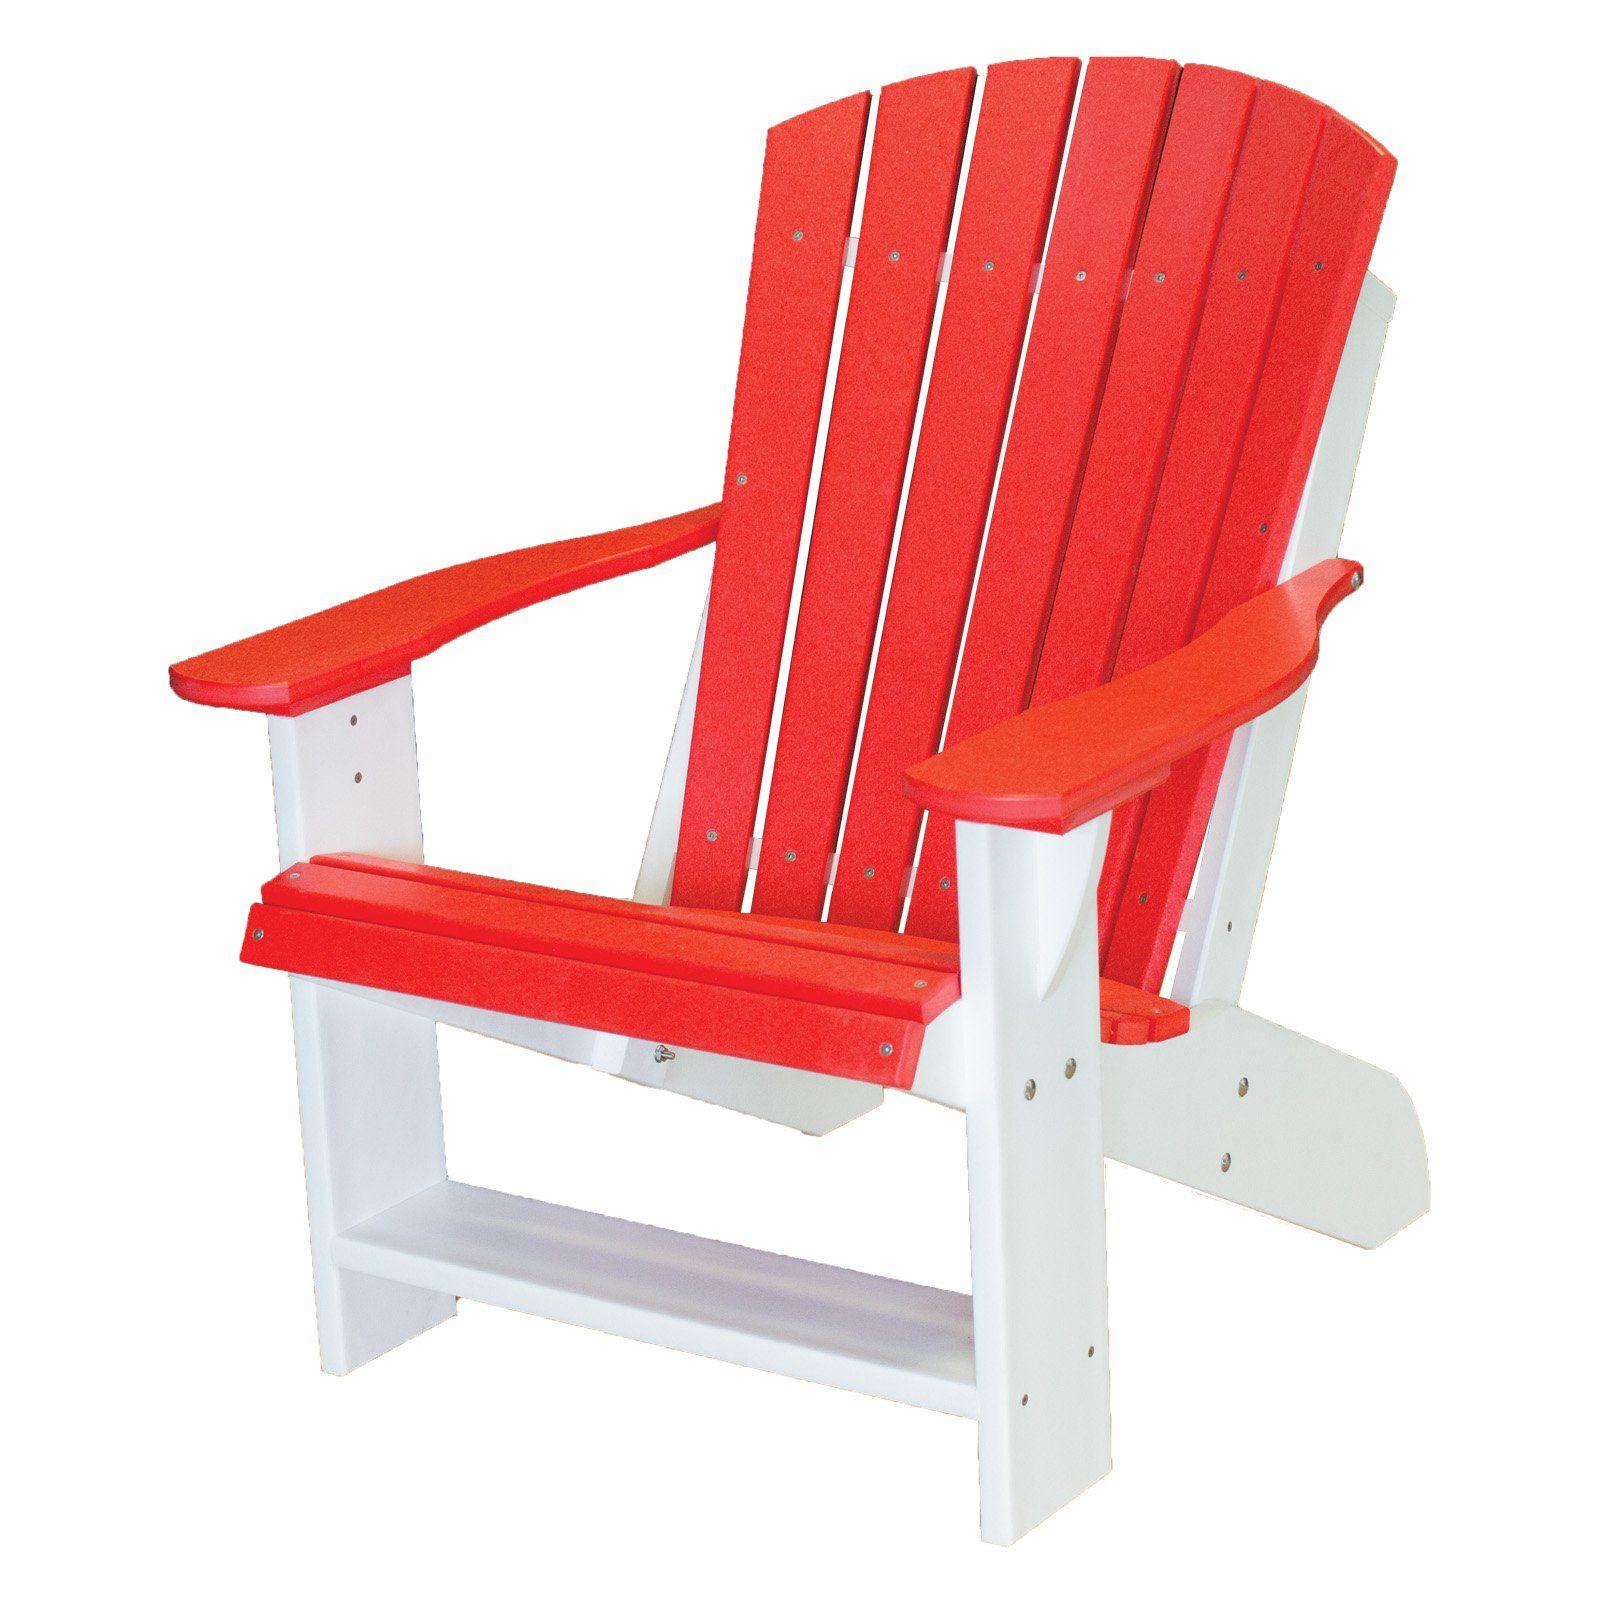 White Resin Adirondack Chairs.Outdoor Wildridge Wildridge Two Tone Recycled Plastic